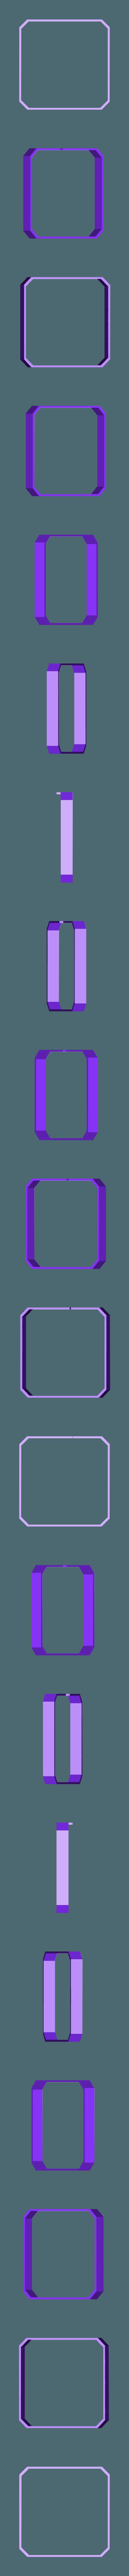 black_strip.obj Télécharger fichier OBJ gratuit Pokeball nintendo switch cartouches et sd • Objet pour impression 3D, Pdor